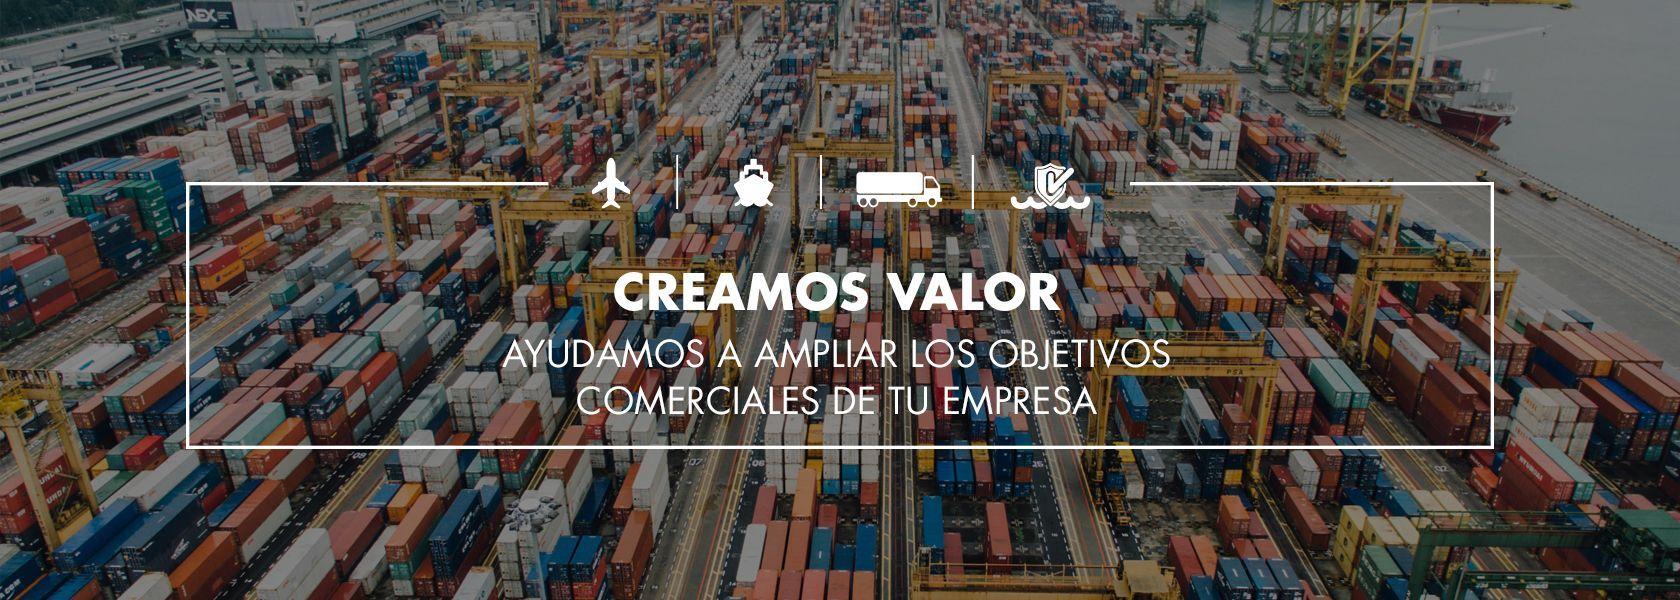 Transporte internacional de mercancías marítimo